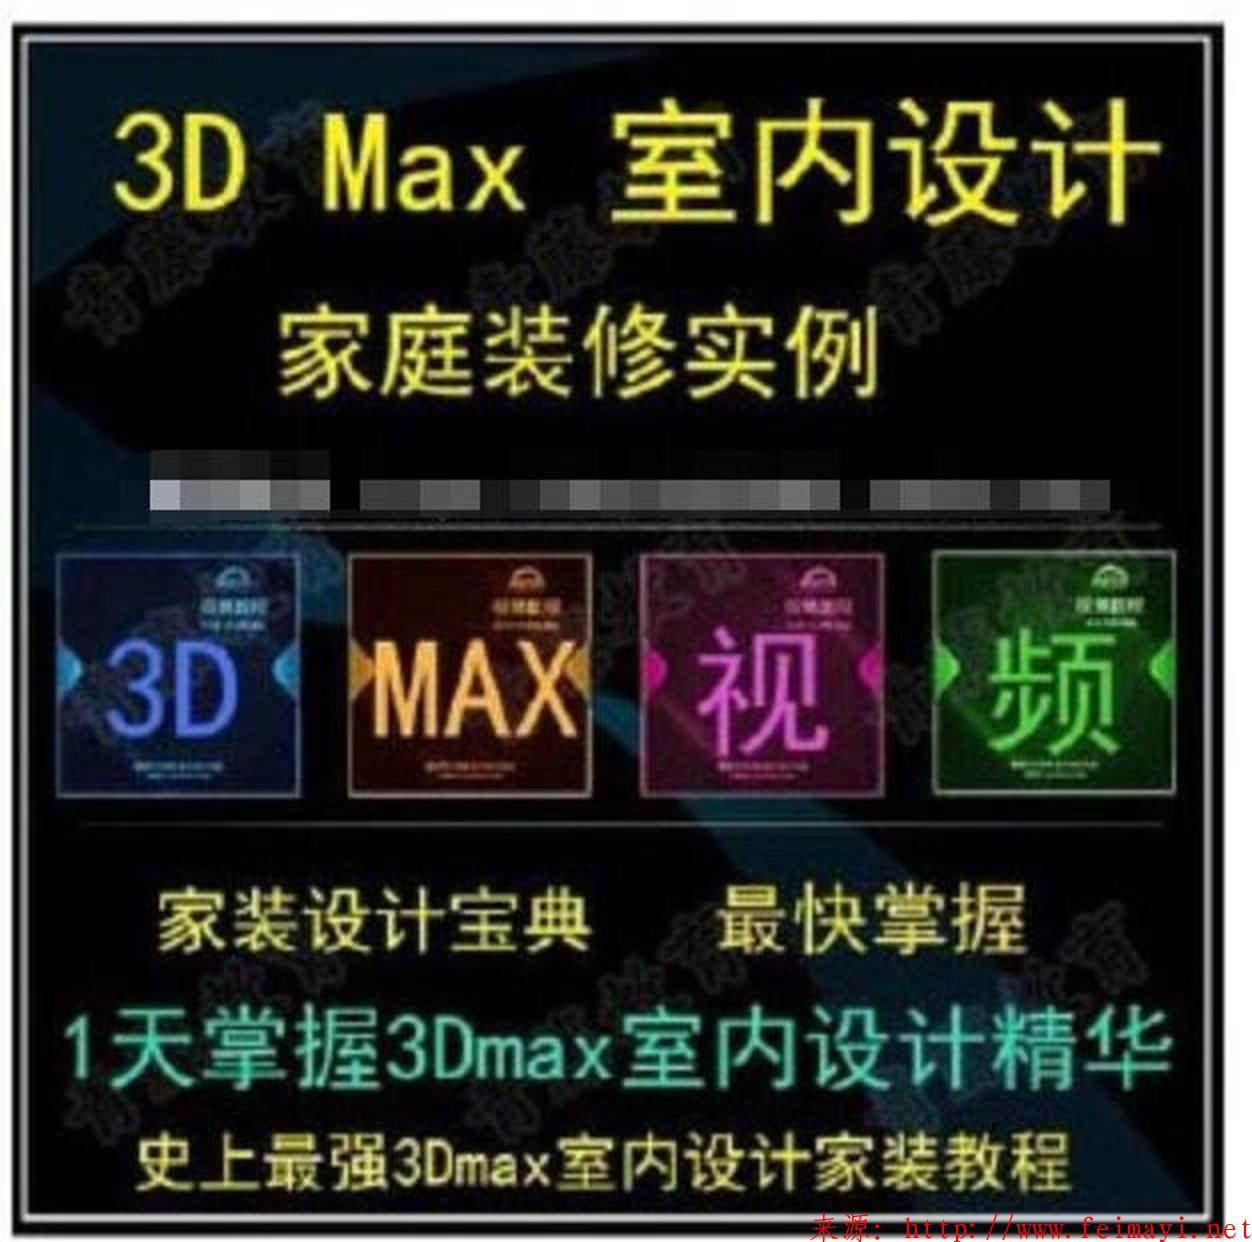 站长推荐-史上最强3Dmax室内设计家庭装修实例视频教程[高级课程]